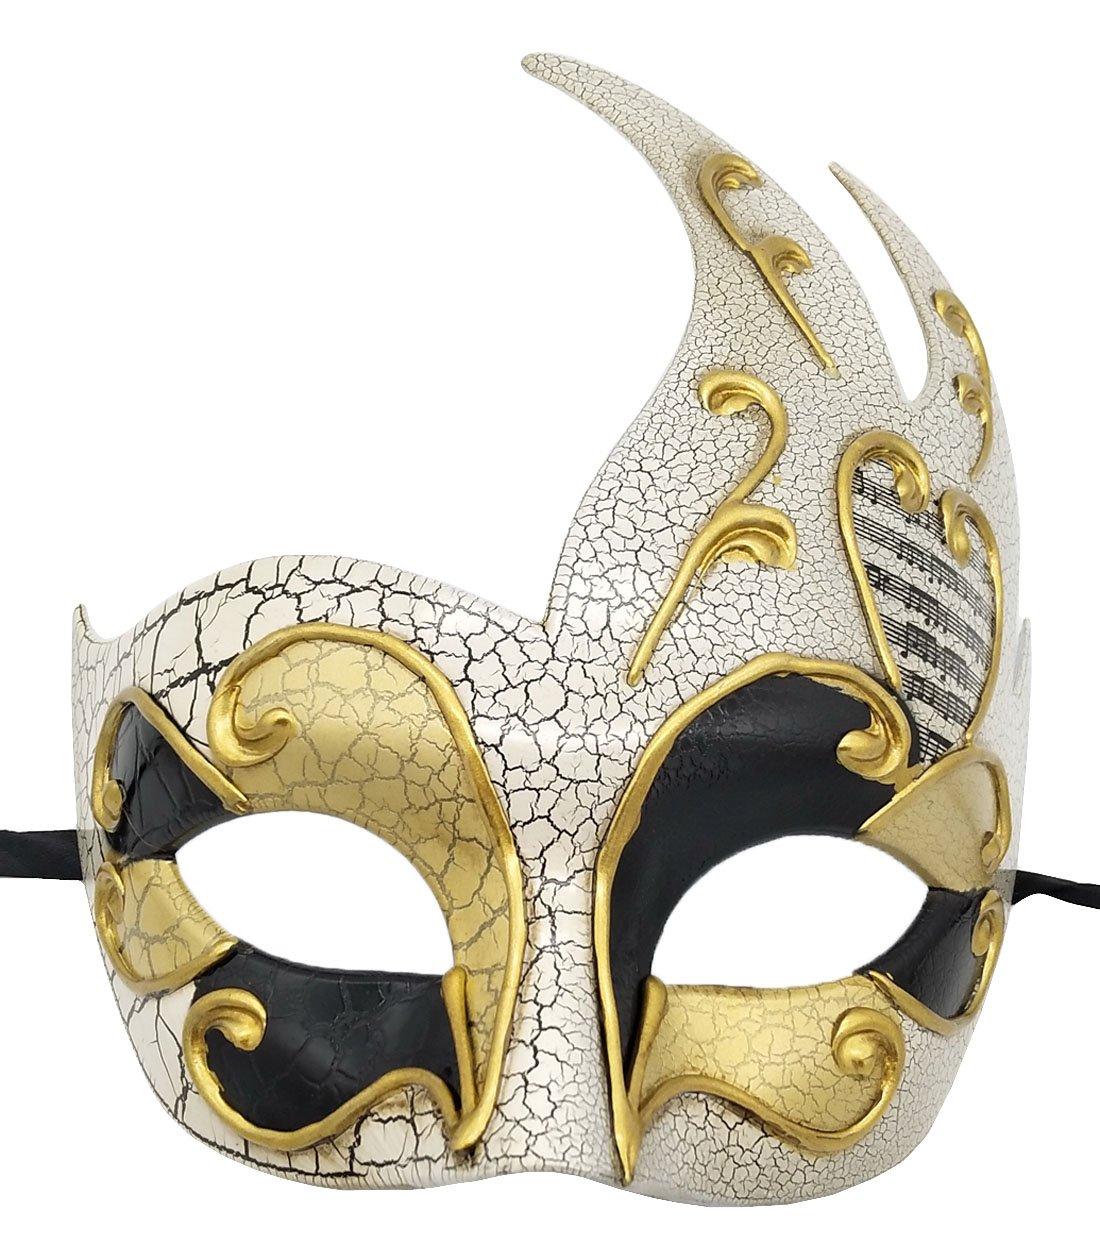 Herren Maskerade Maske Vintage Rissig Venetian Party Maske Halloween ...